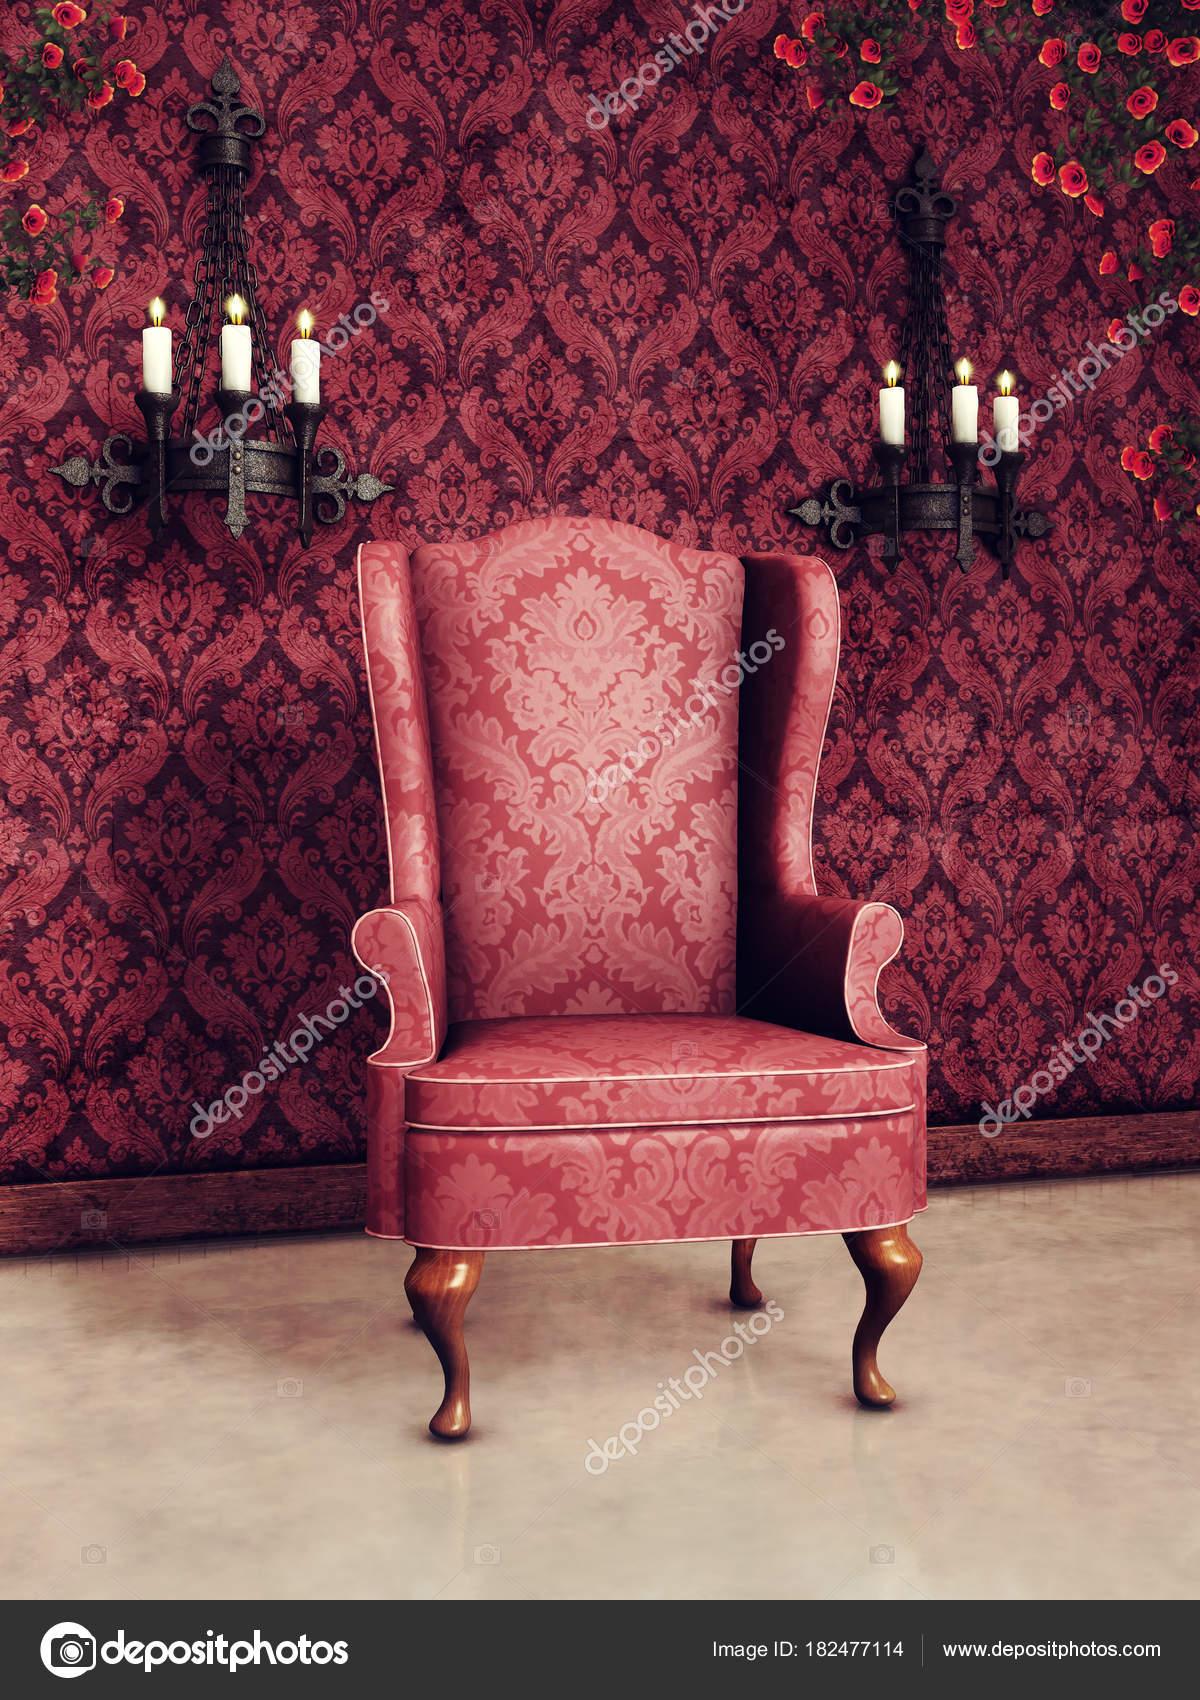 Chambre Vintage Rose Foncé Avec Vieux Fauteuil Appliques Ornementées ...